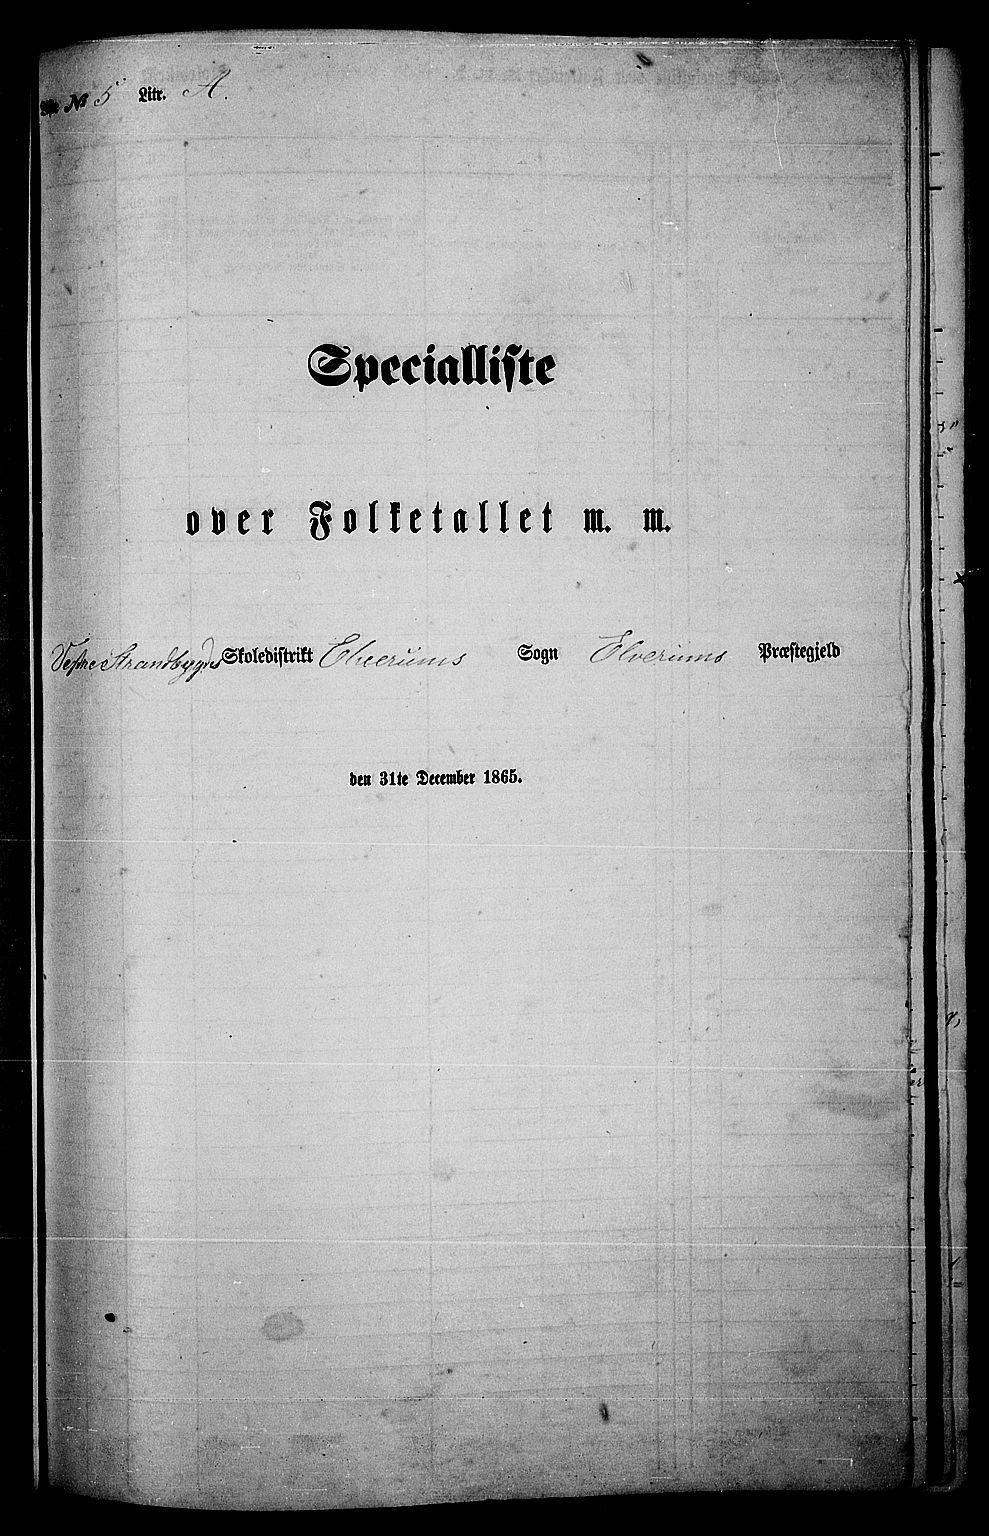 RA, Folketelling 1865 for 0427P Elverum prestegjeld, 1865, s. 117